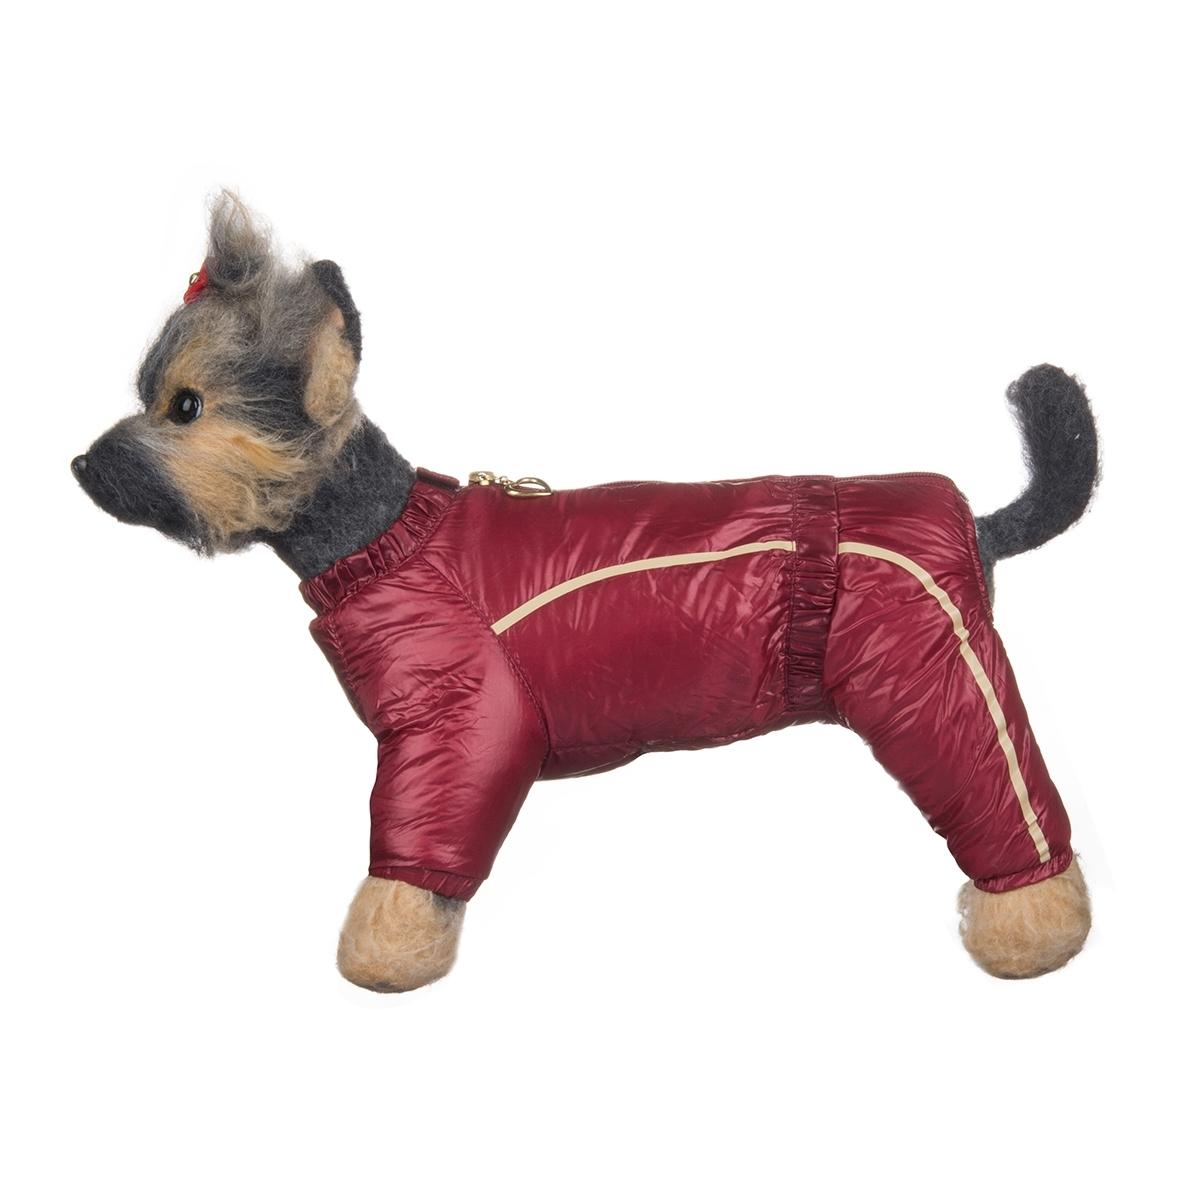 Комбинезон для собак Dogmoda Альпы, зимний, для девочки, цвет: бордовый, серый. Размер 2 (M)DM-150349-2Зимний комбинезон для собак Dogmoda Альпы отлично подойдет для прогулок в зимнее время года.Комбинезон изготовлен из полиэстера, защищающего от ветра и снега, с утеплителем из синтепона, который сохранит тепло даже в сильные морозы, а на подкладке используется искусственный мех, который обеспечивает отличный воздухообмен. Комбинезон застегивается на молнию и липучку, благодаря чему его легко надевать и снимать. Ворот, низ рукавов и брючин оснащены внутренними резинками, которые мягко обхватывают шею и лапки, не позволяя просачиваться холодному воздуху. На пояснице имеется внутренняя резинка. Изделие декорировано бежевыми полосками и надписью DM.Благодаря такому комбинезону простуда не грозит вашему питомцу и он сможет испытать не сравнимое удовольствие от снежных игр и забав.